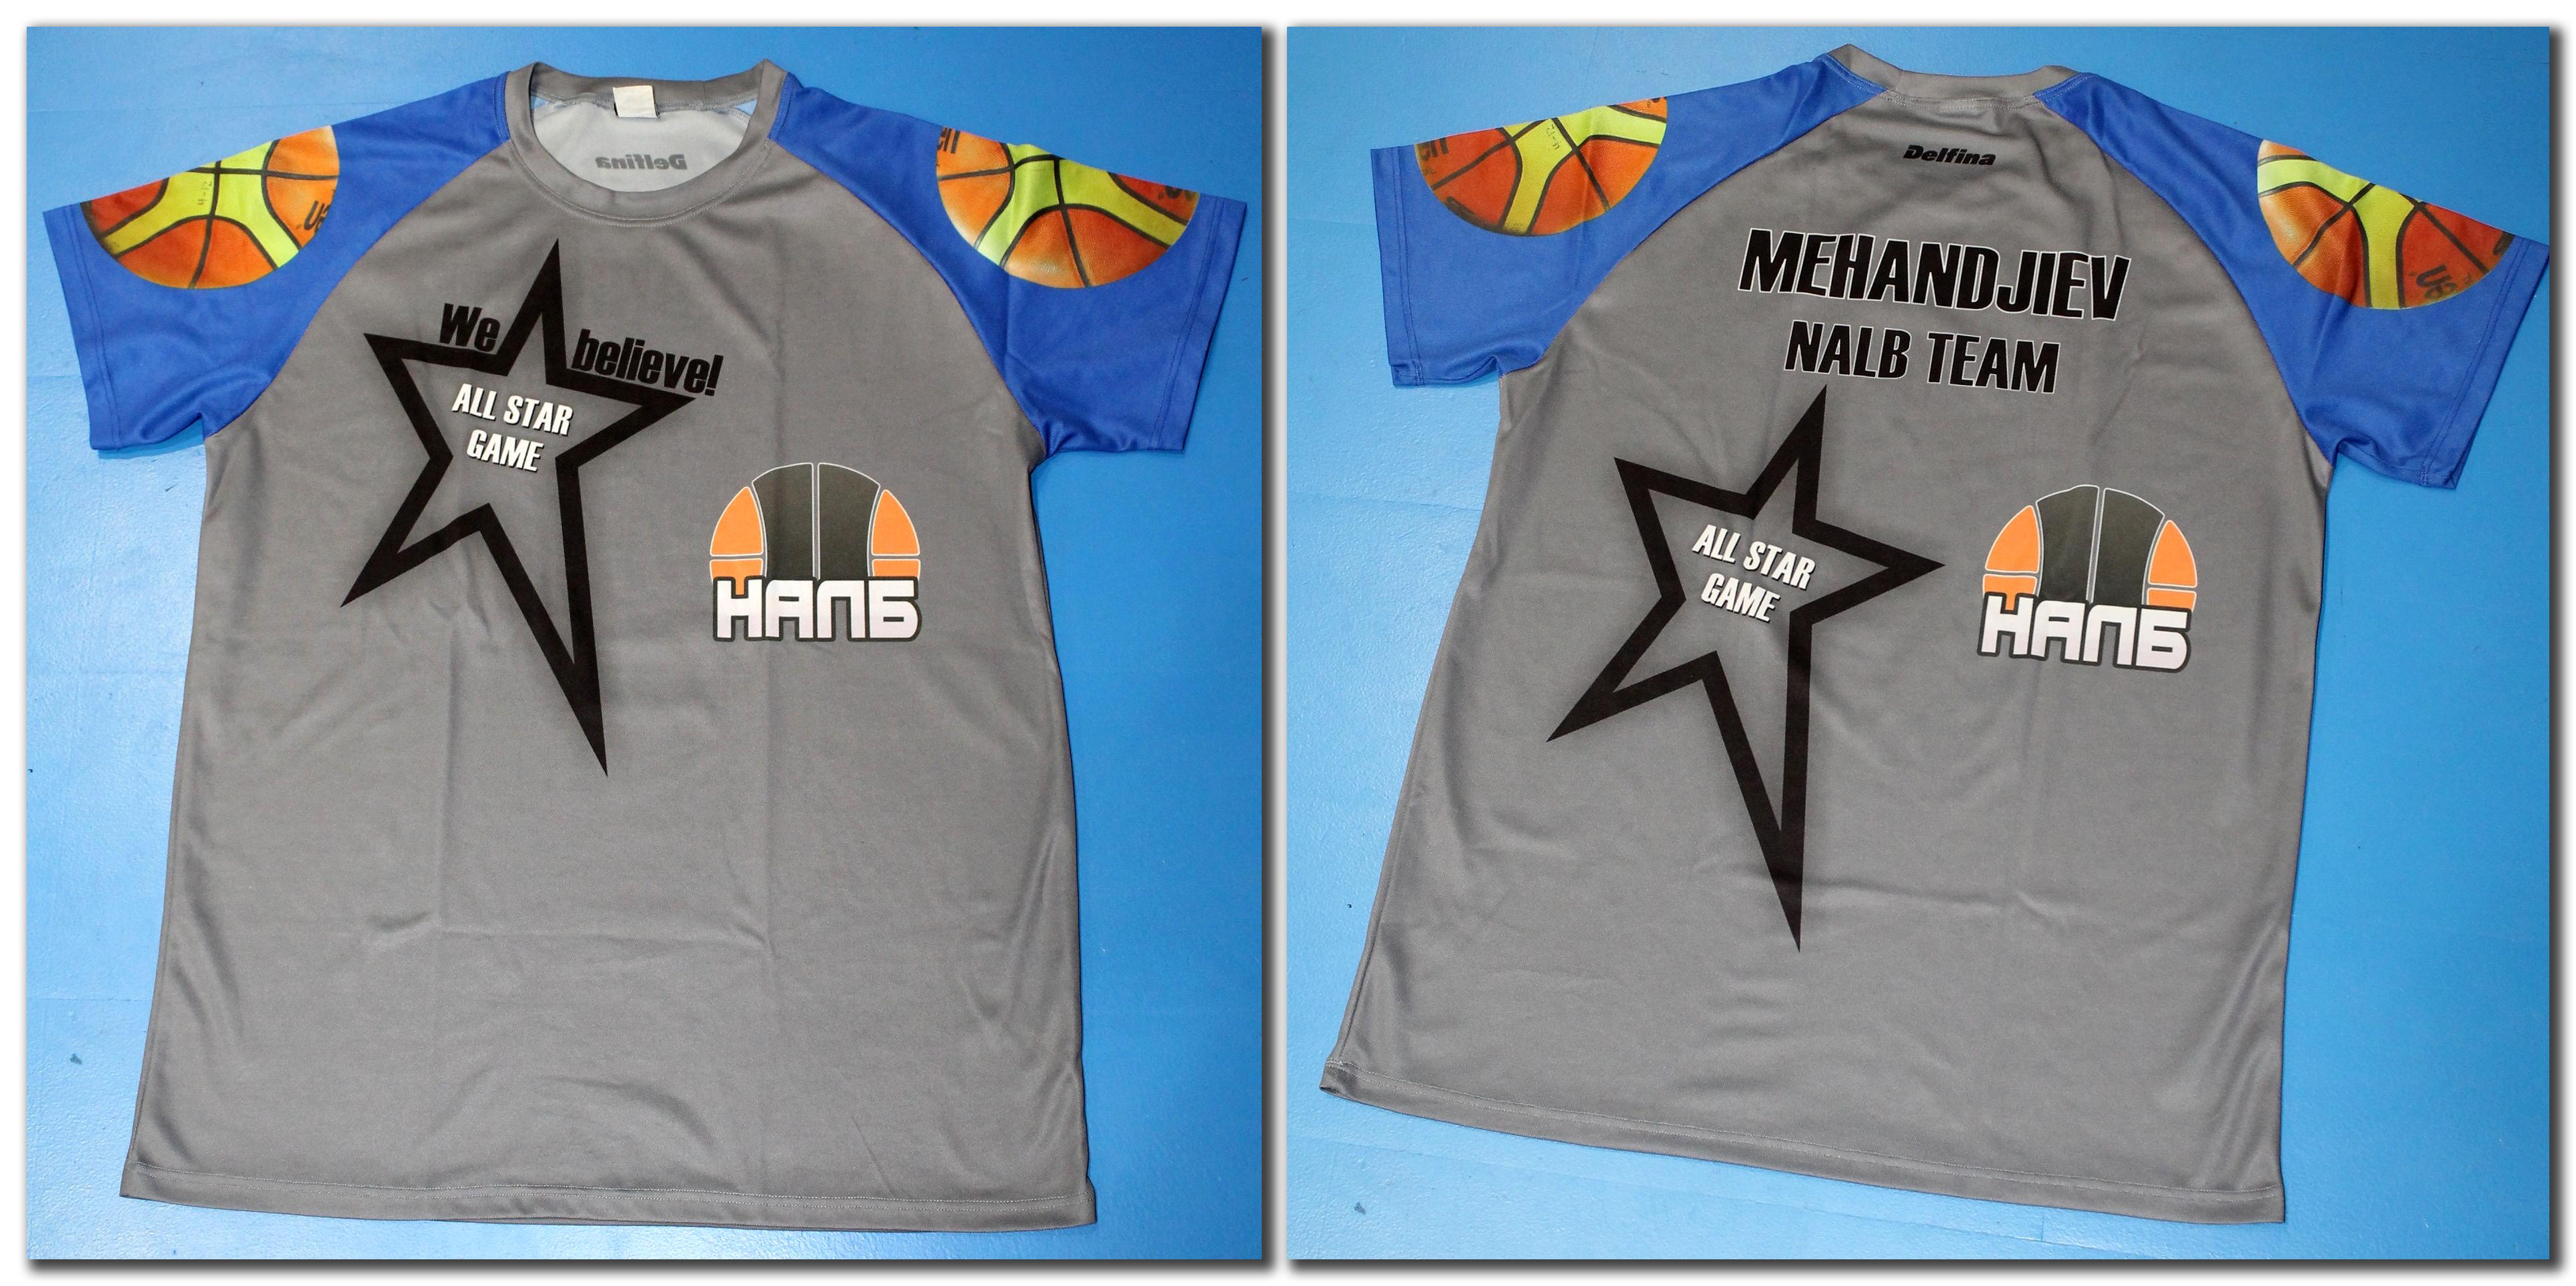 """Персонализирана мъжка тениска от специалната серия за звездния уикенд на НАЛБ (без надписа """"NALB TEAM"""" на гърба) – 23.00 лева"""